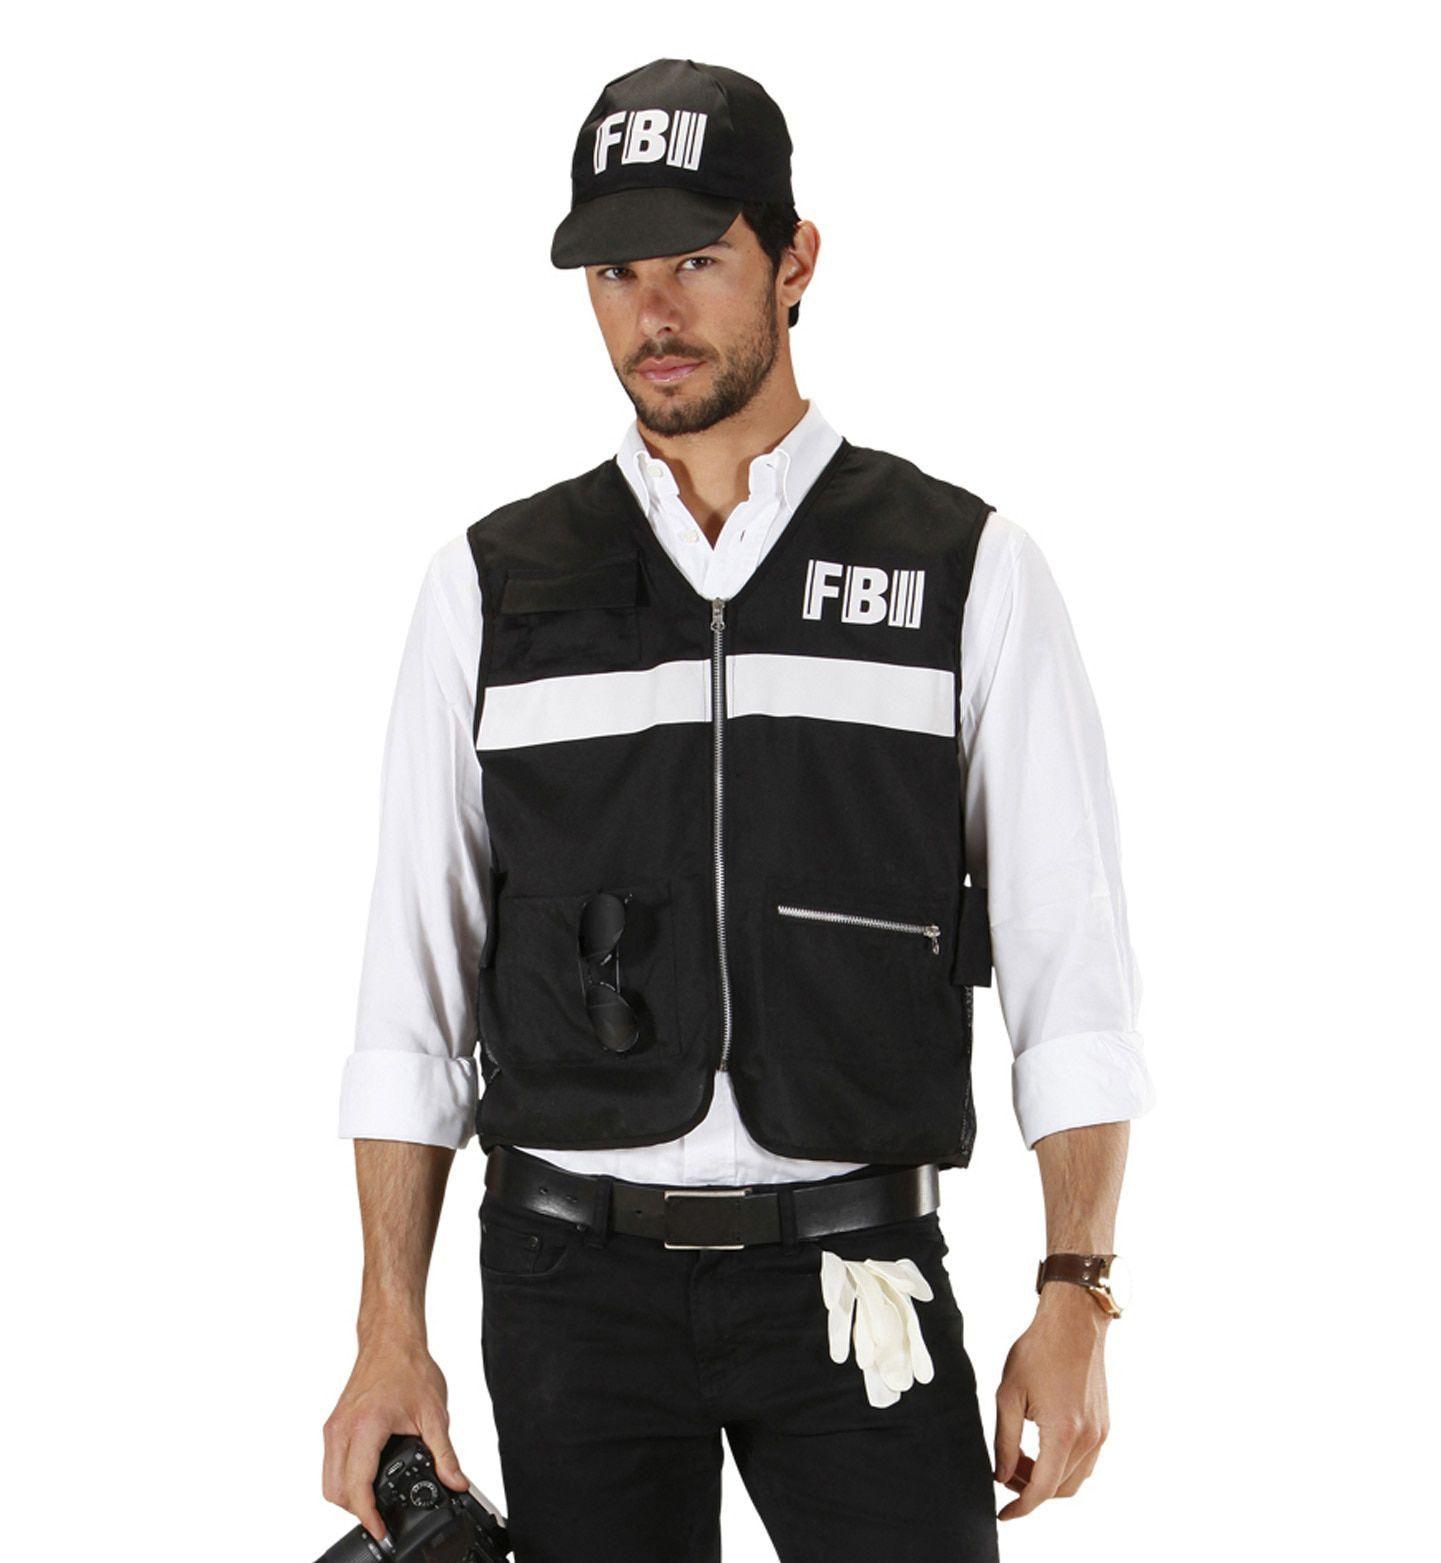 Fbi Onderzoeker Vest Met Cap XL Man Kostuum